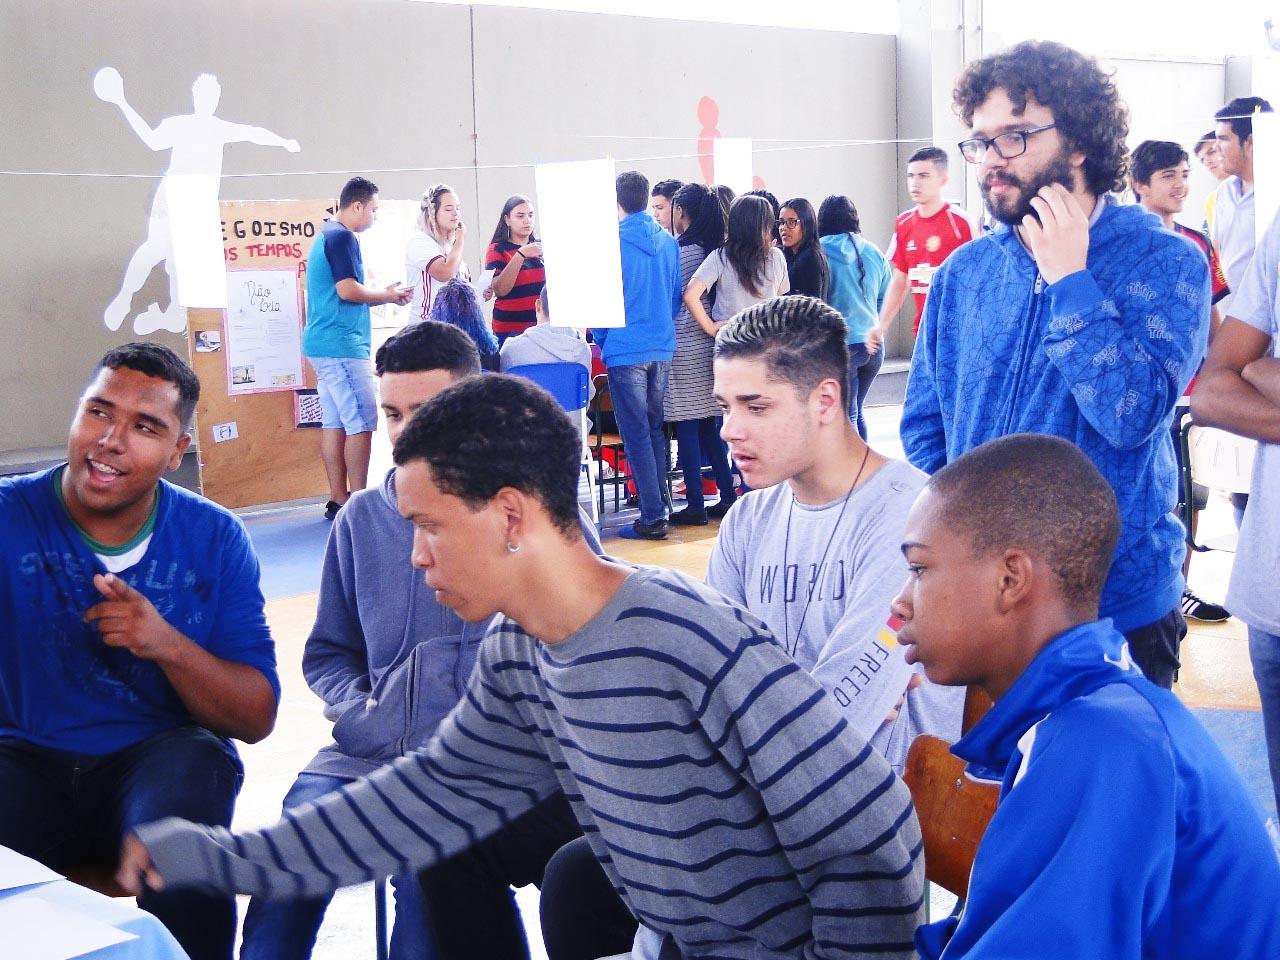 Em quadra escolar, seis alunos estão à frente da imagem, sentados e observando materiais que estão fora do quadro. Atrás, diversos estudantes em pé interagem com outra amostra do projeto. Fim da descrição.